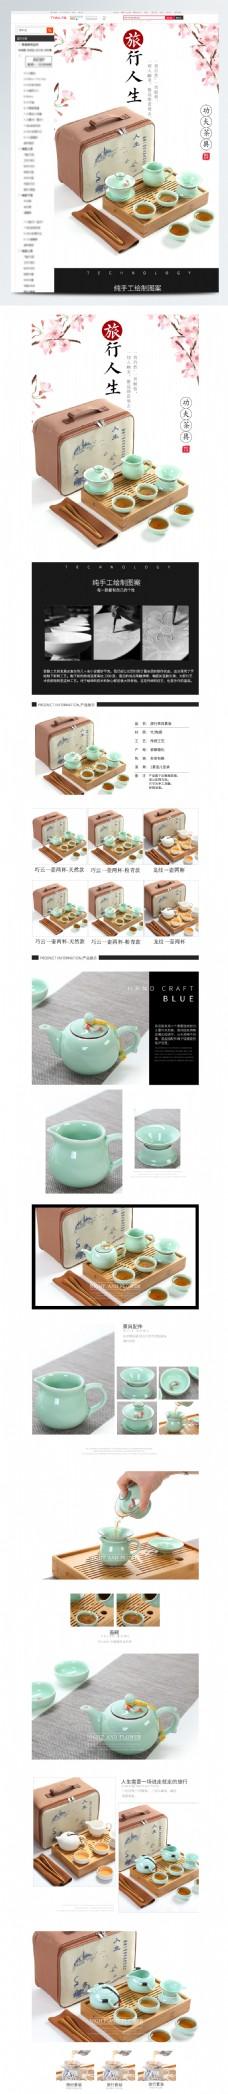 淘宝天猫简约中国风旅行茶具详情页模板